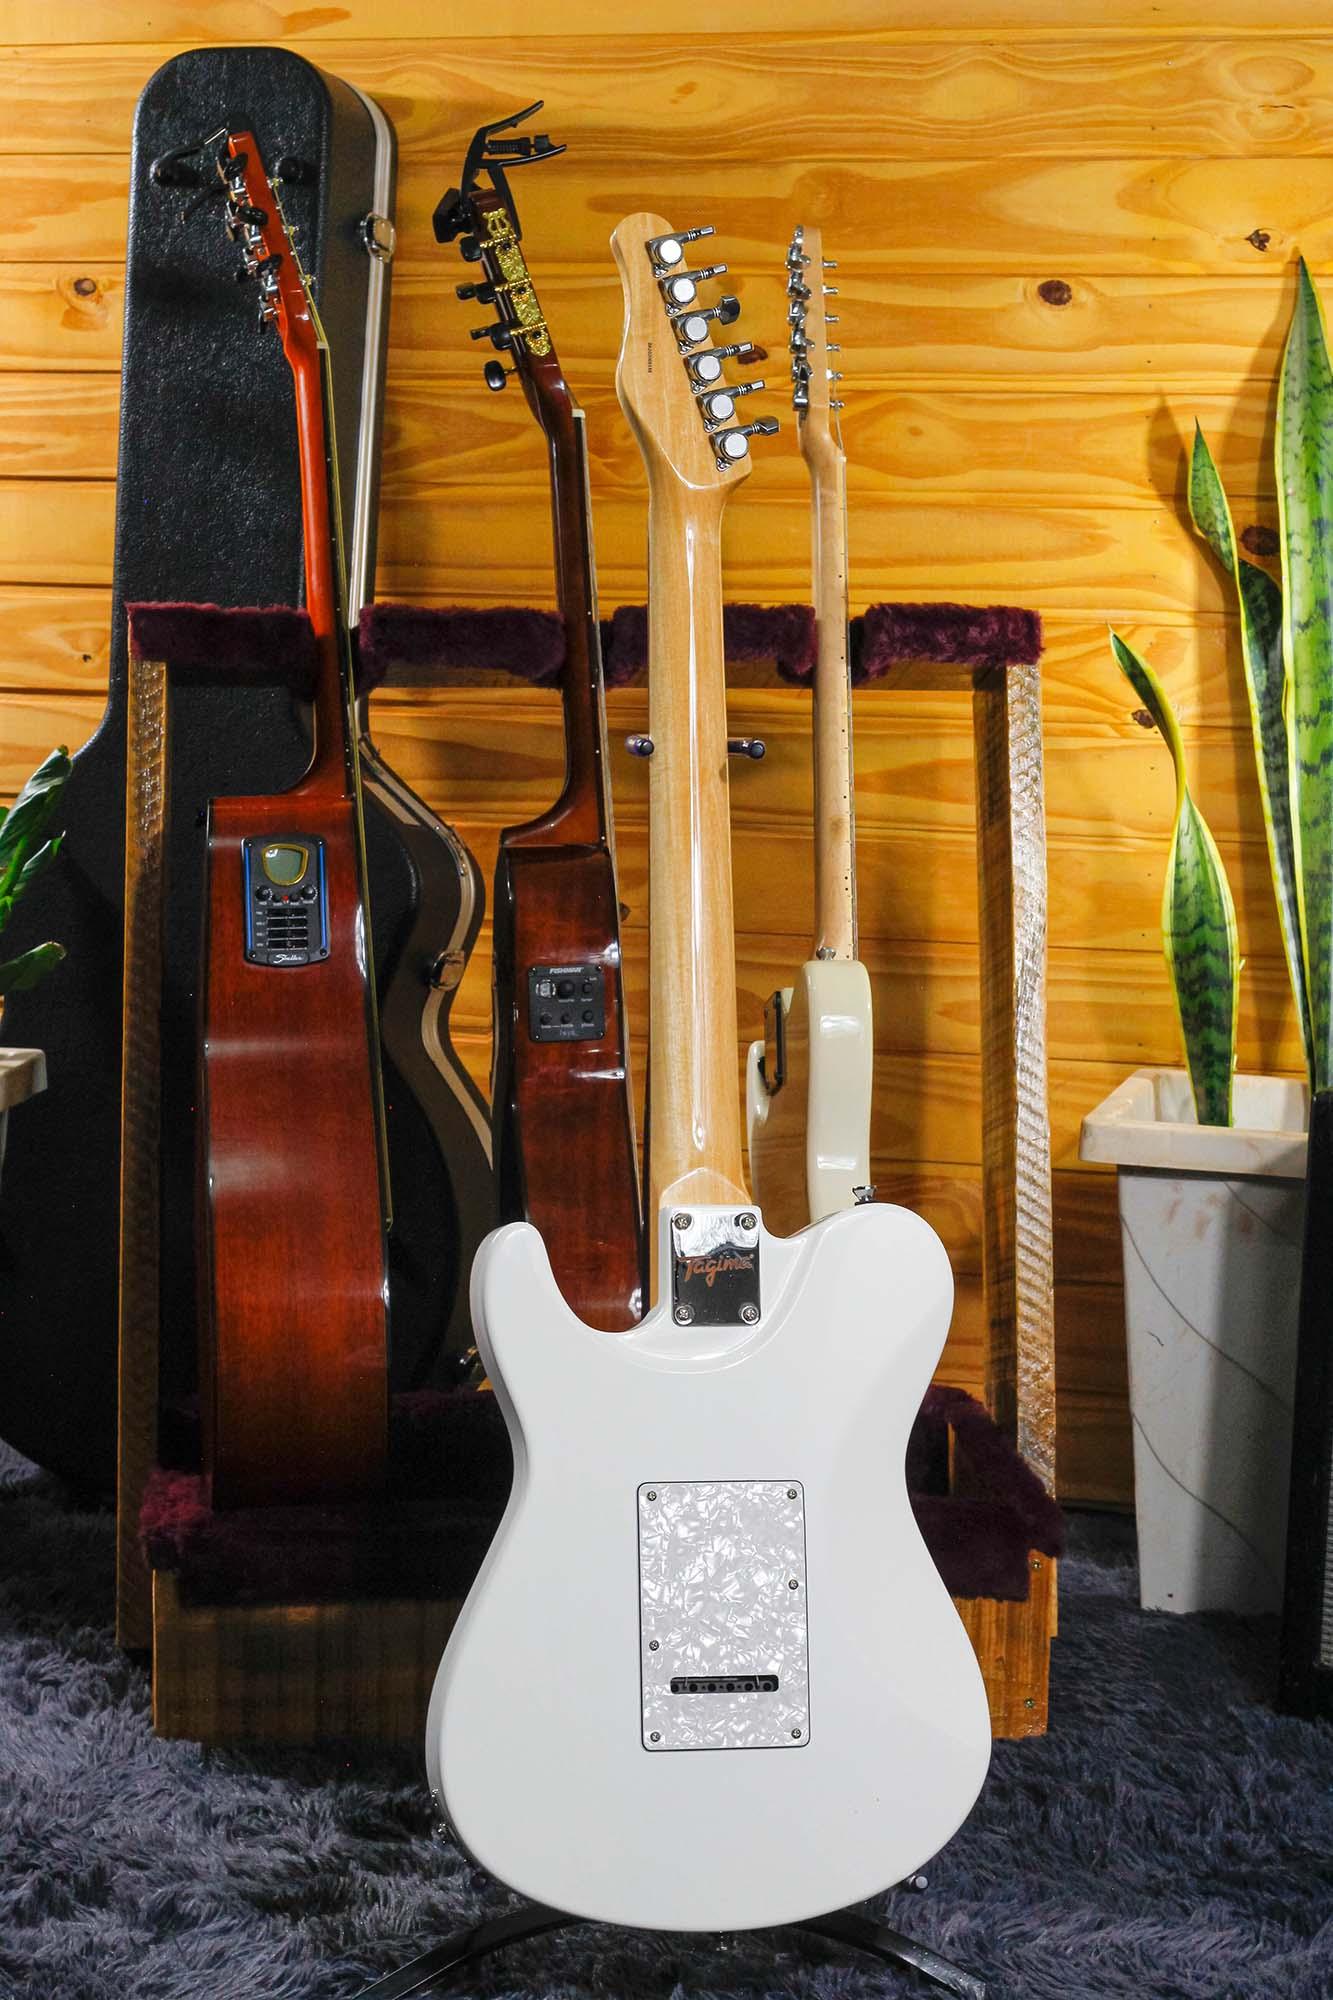 Guitarra Tagima T-930 Classic em Cedro Brasileiro com Tremolo Branco